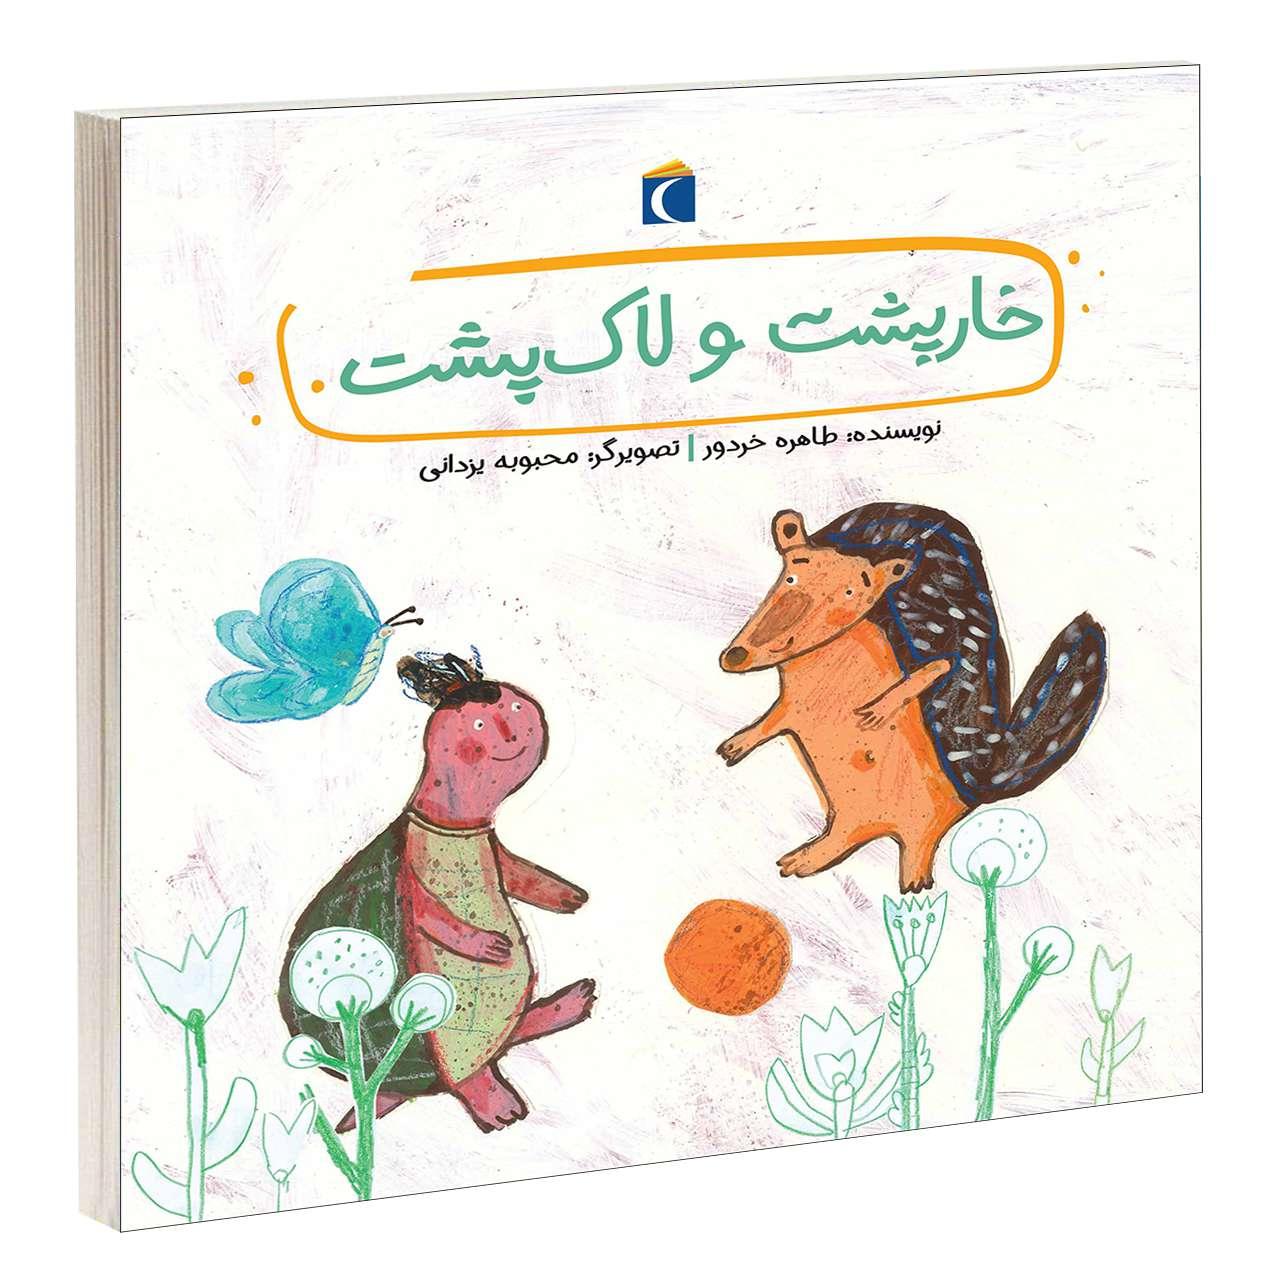 کتاب خارپشت و لاک پشت اثر طاهره خردور انتشارات محراب قلم